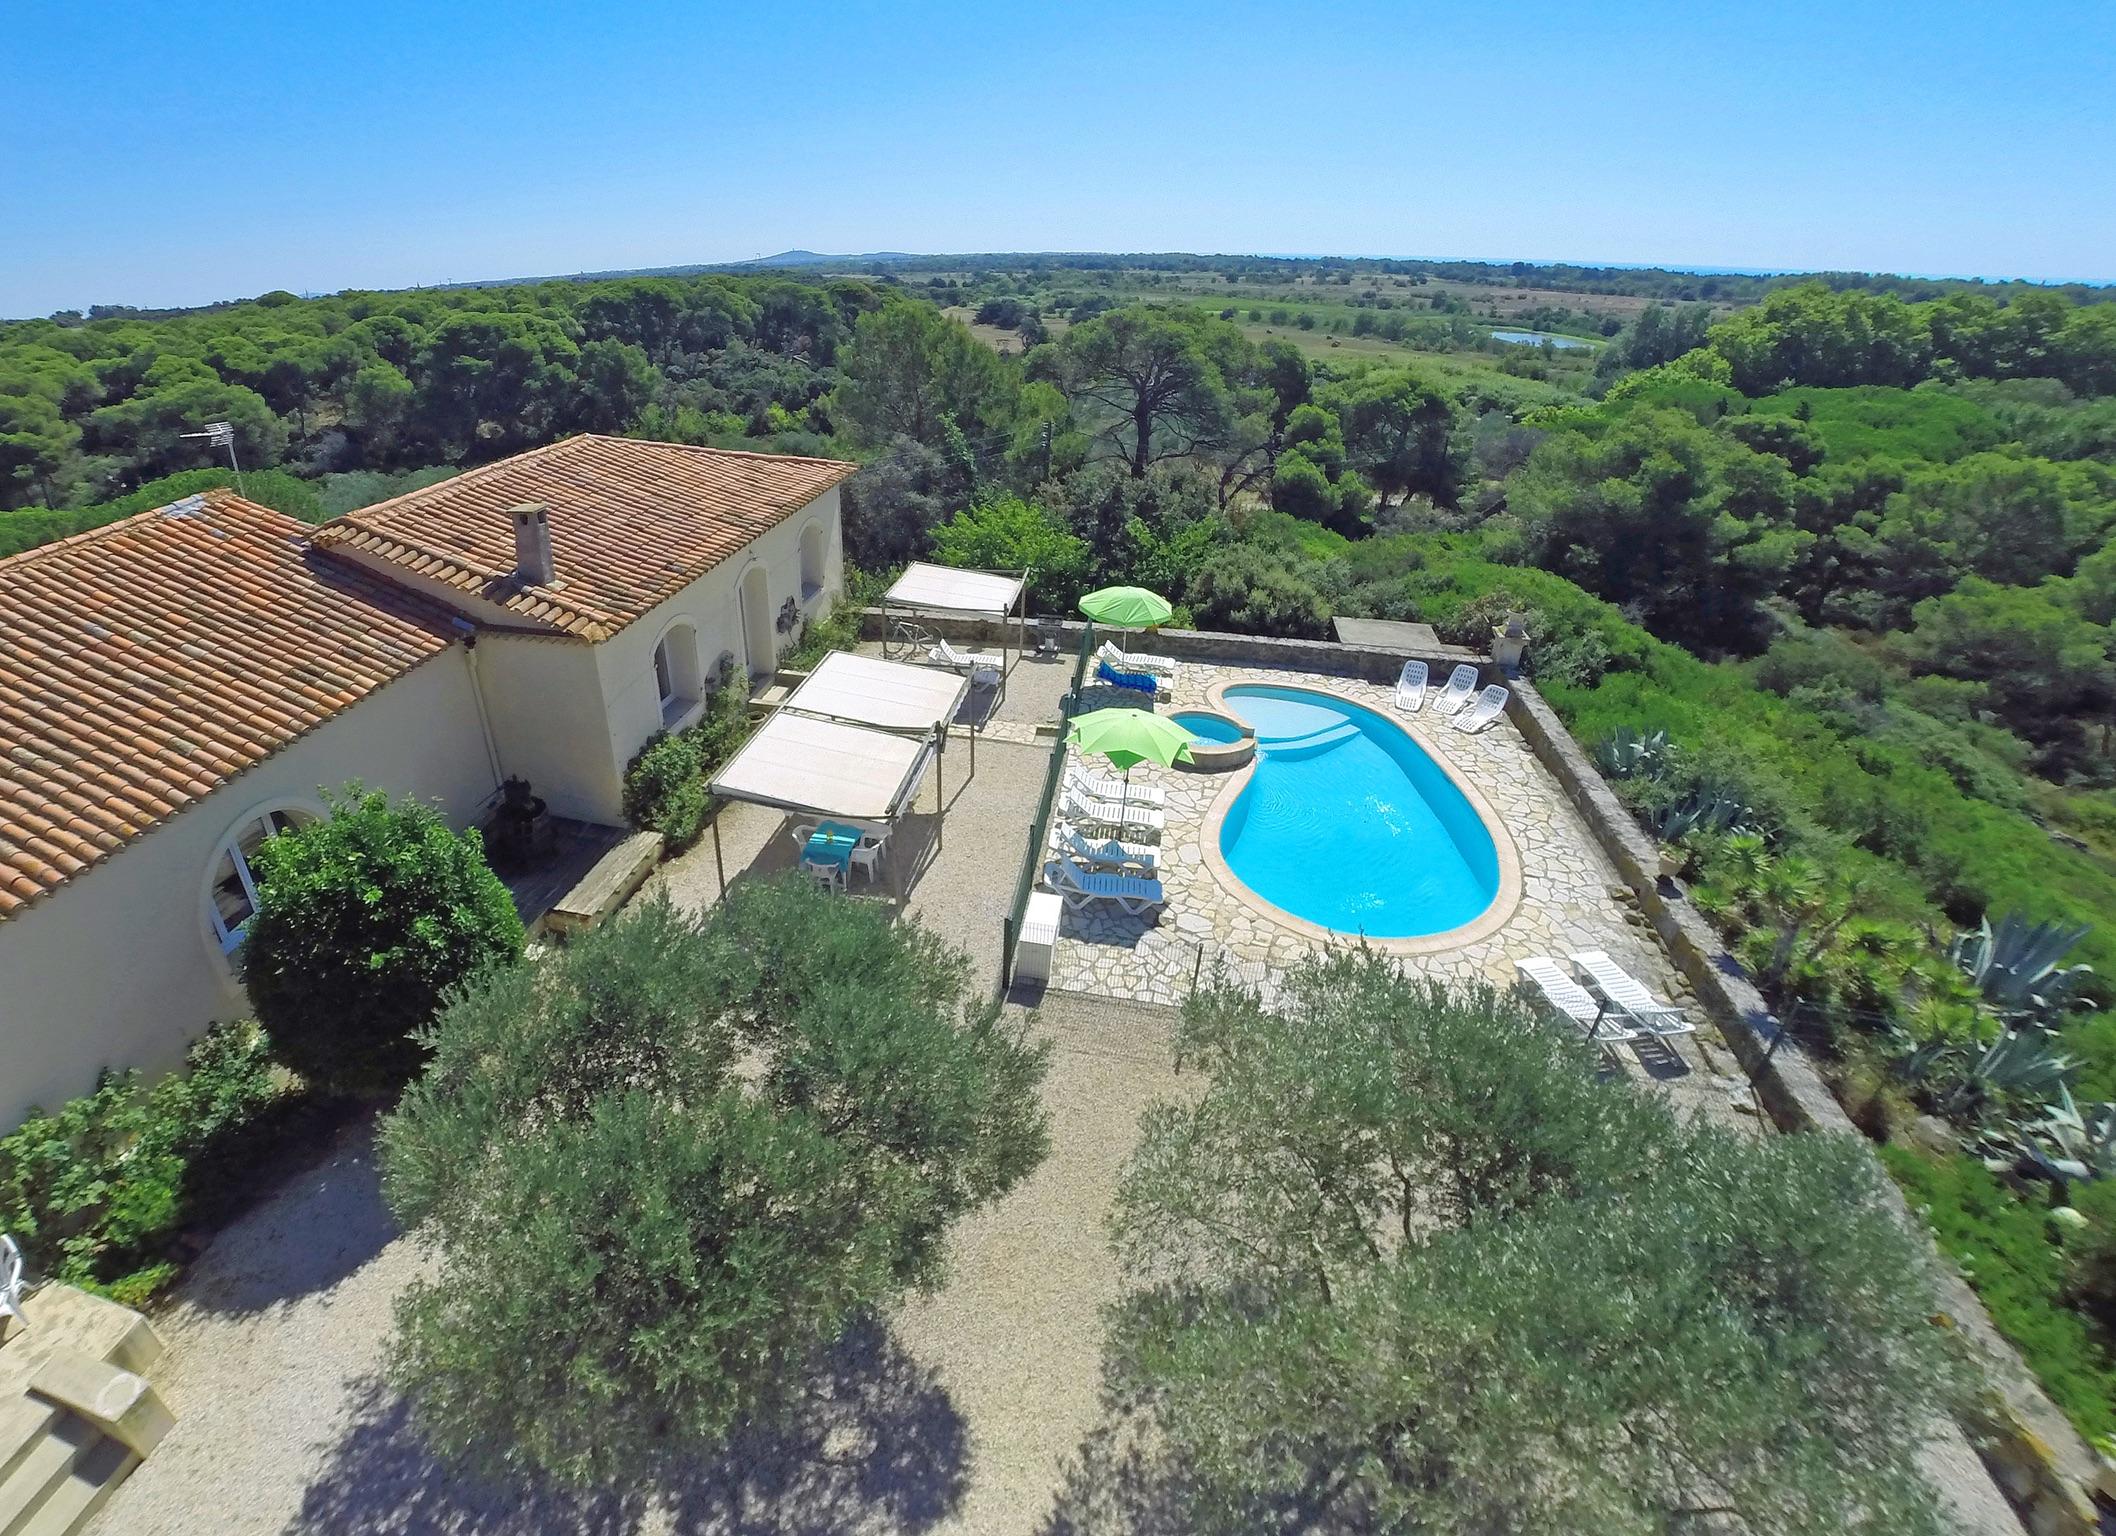 Ferienhaus Charaktervolles Haus in Hérault mit Pool und Garten (2201003), Portiragnes, Mittelmeerküste Hérault, Languedoc-Roussillon, Frankreich, Bild 1